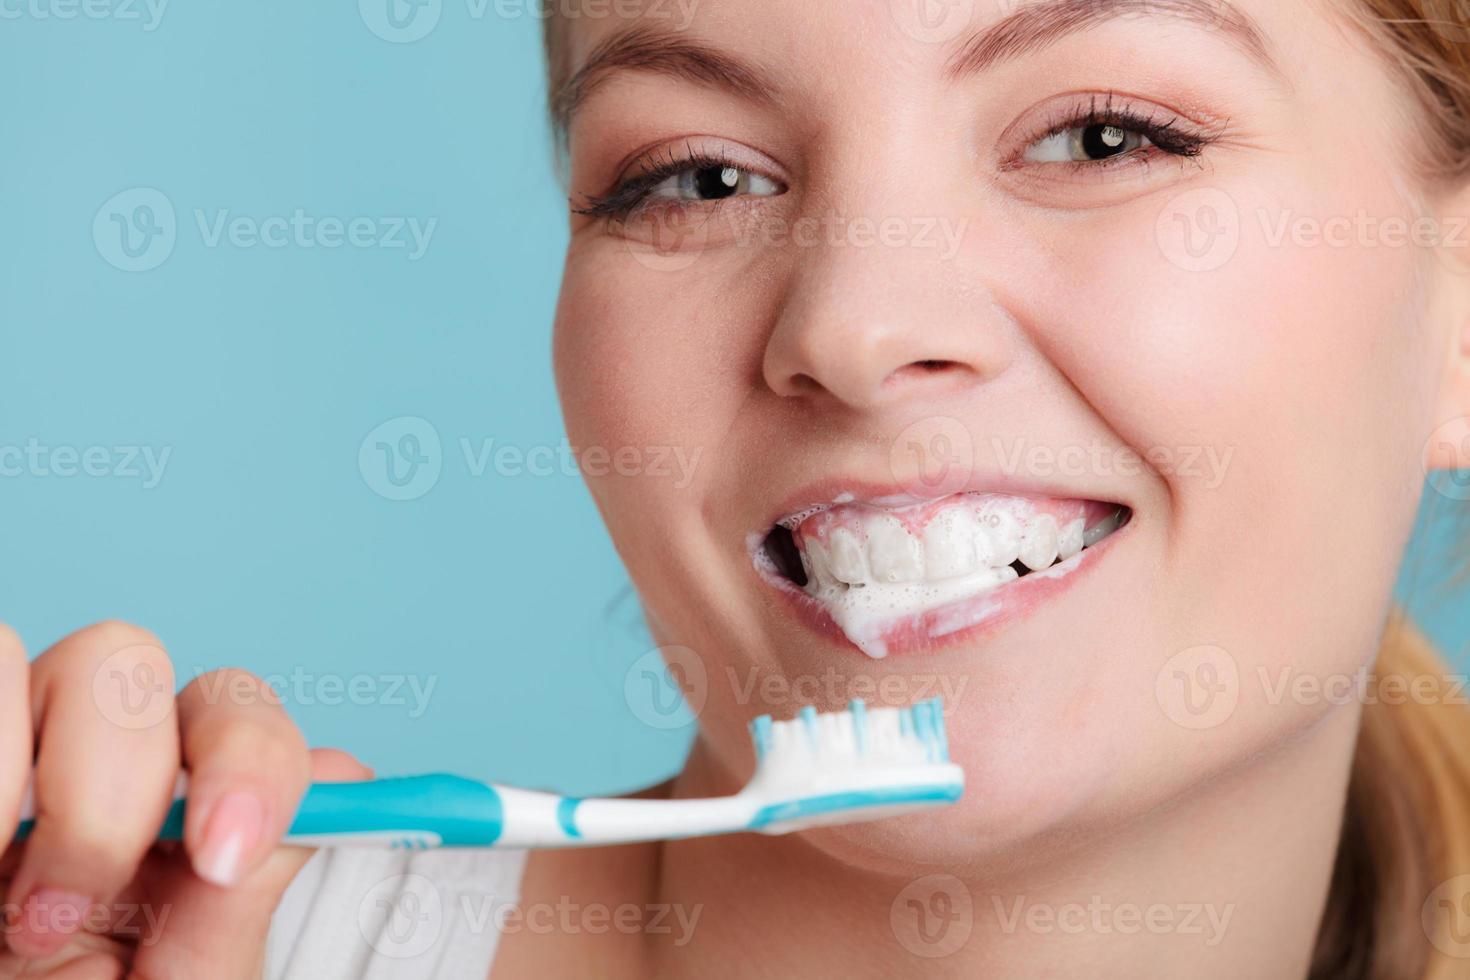 vrouw met tandenborstel tanden poetsen foto